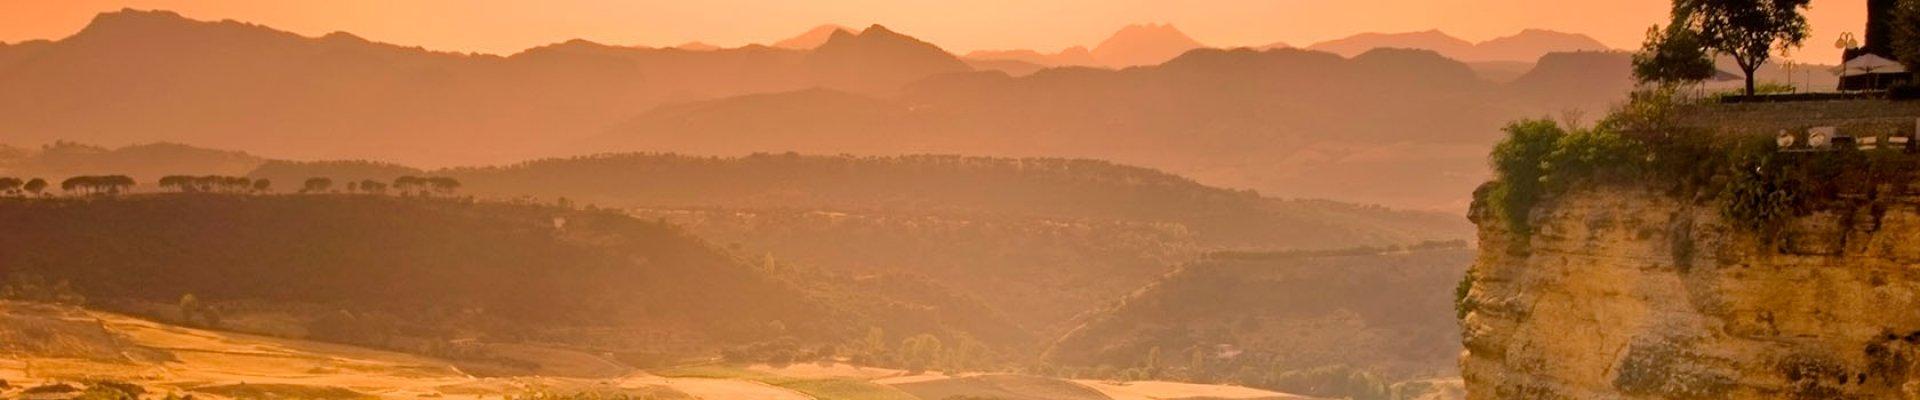 Single reizen Andalusie 12 dagen